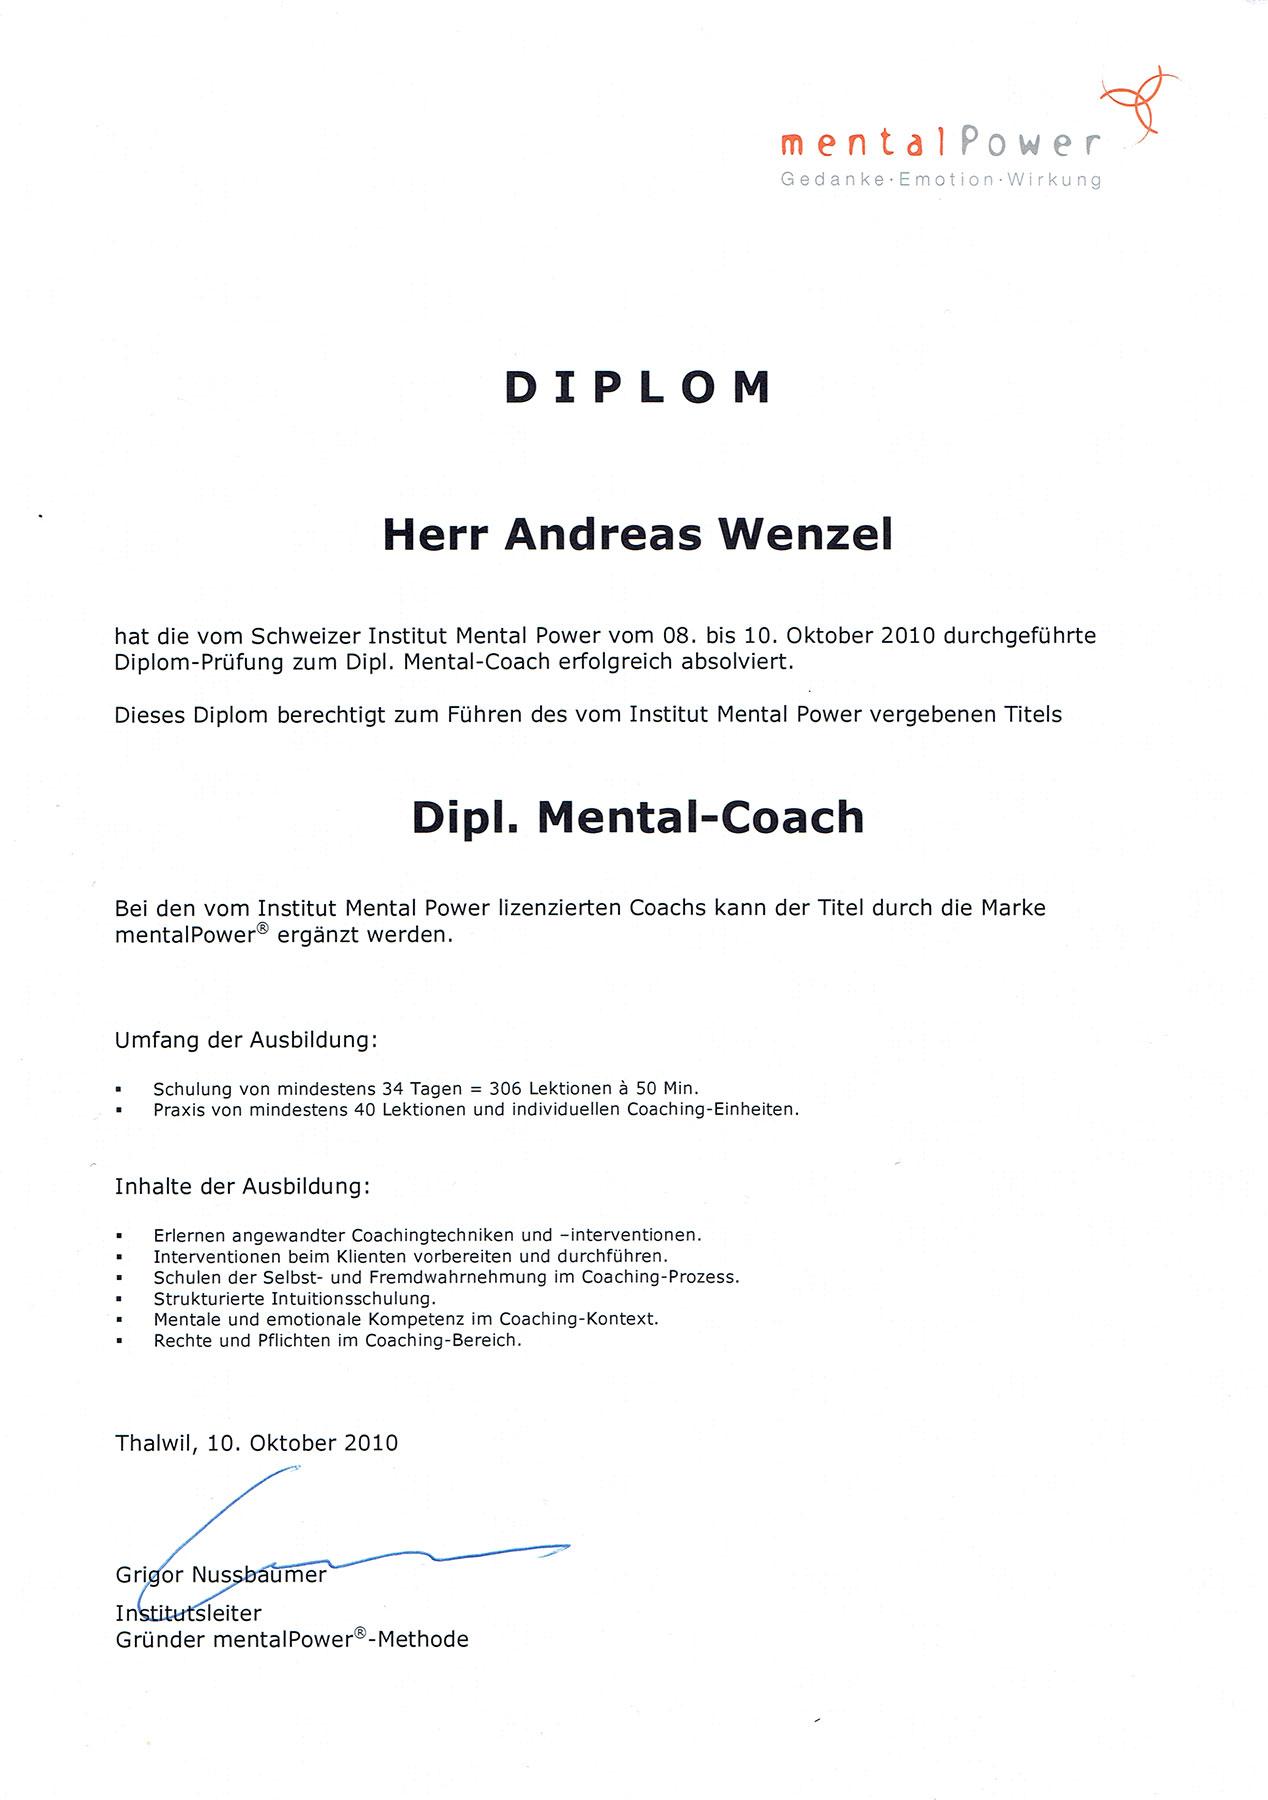 Mental-Coach